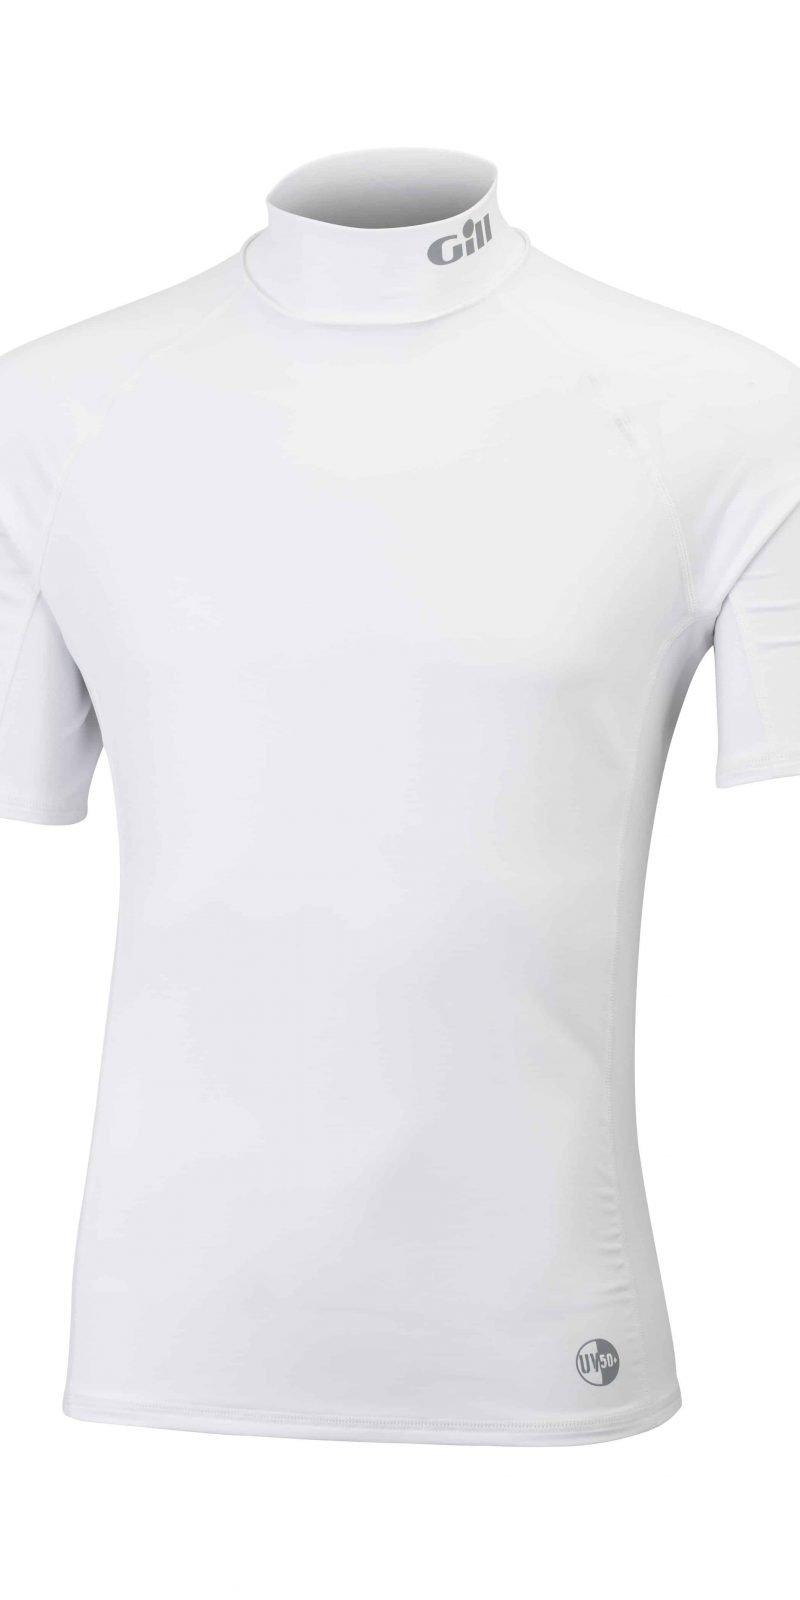 Gill – UV Rash Vest Shortsleeve